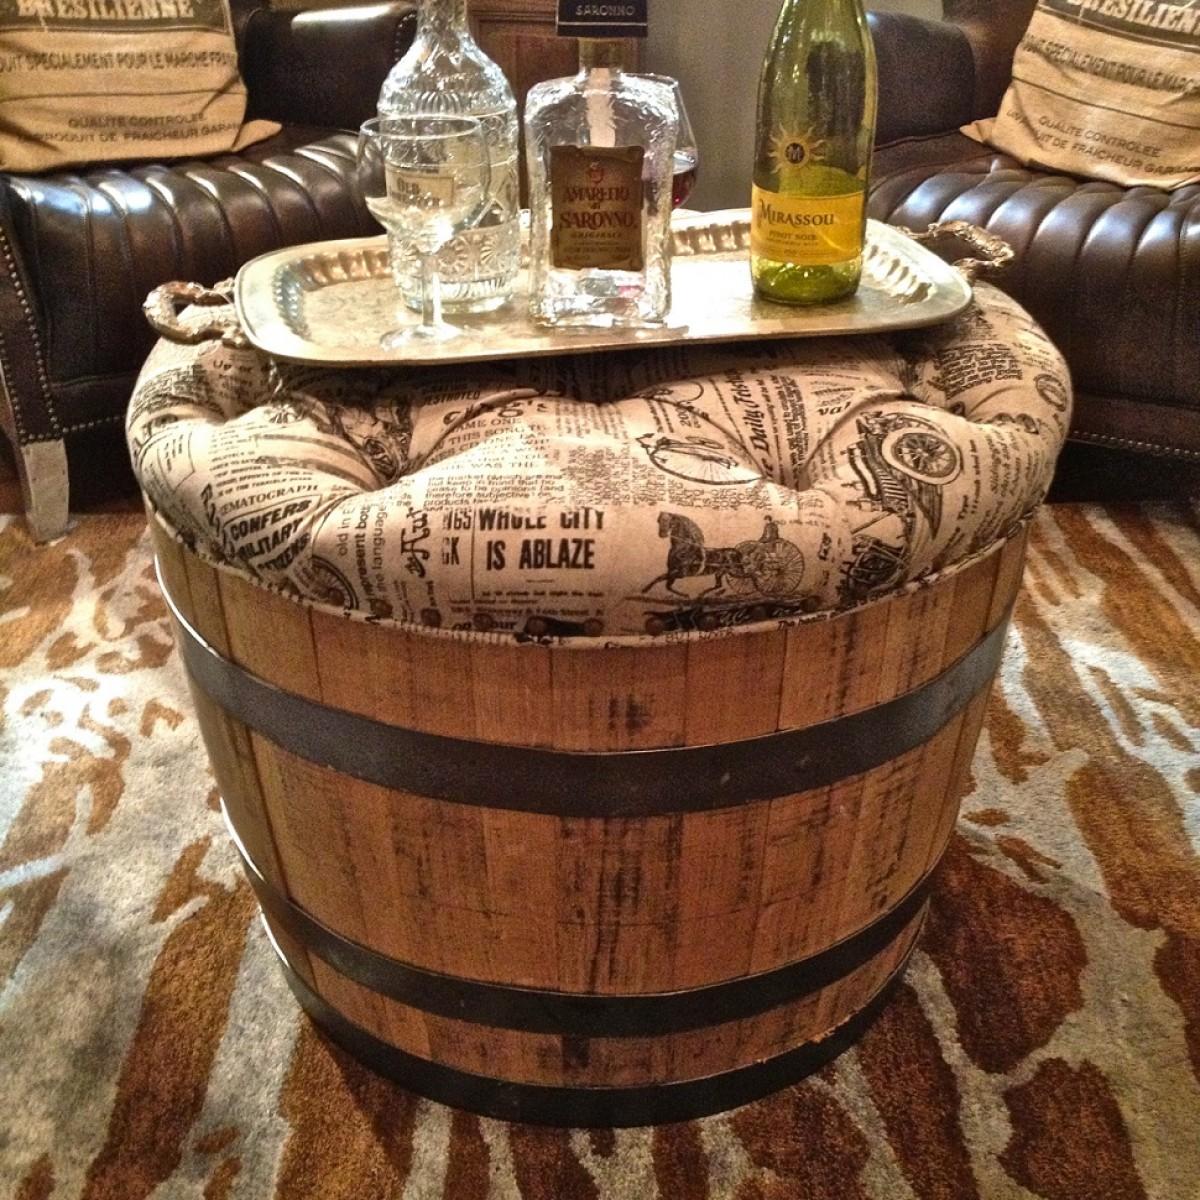 unique-round-ottoman-coffee-table-small-round-ottoman-coffee-table-round-ottoman-cocktail-table-round-fabric-ottoman-coffee-table (Image 9 of 10)